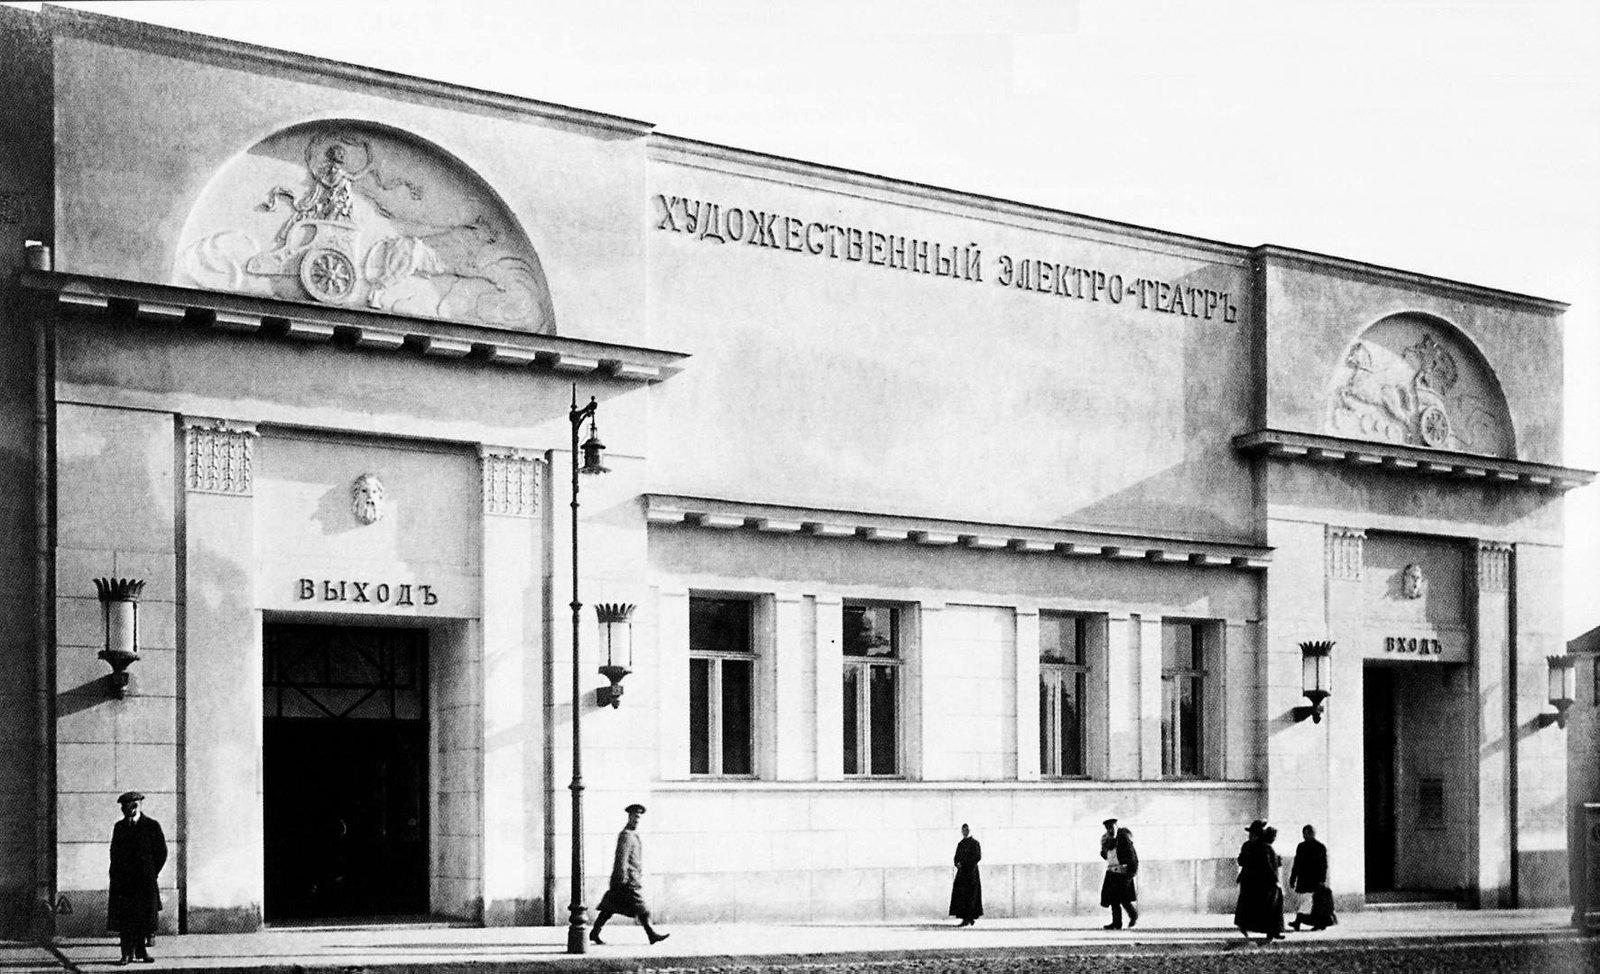 Электротеатр «Художественный» на Арбатской площади. 1910-е